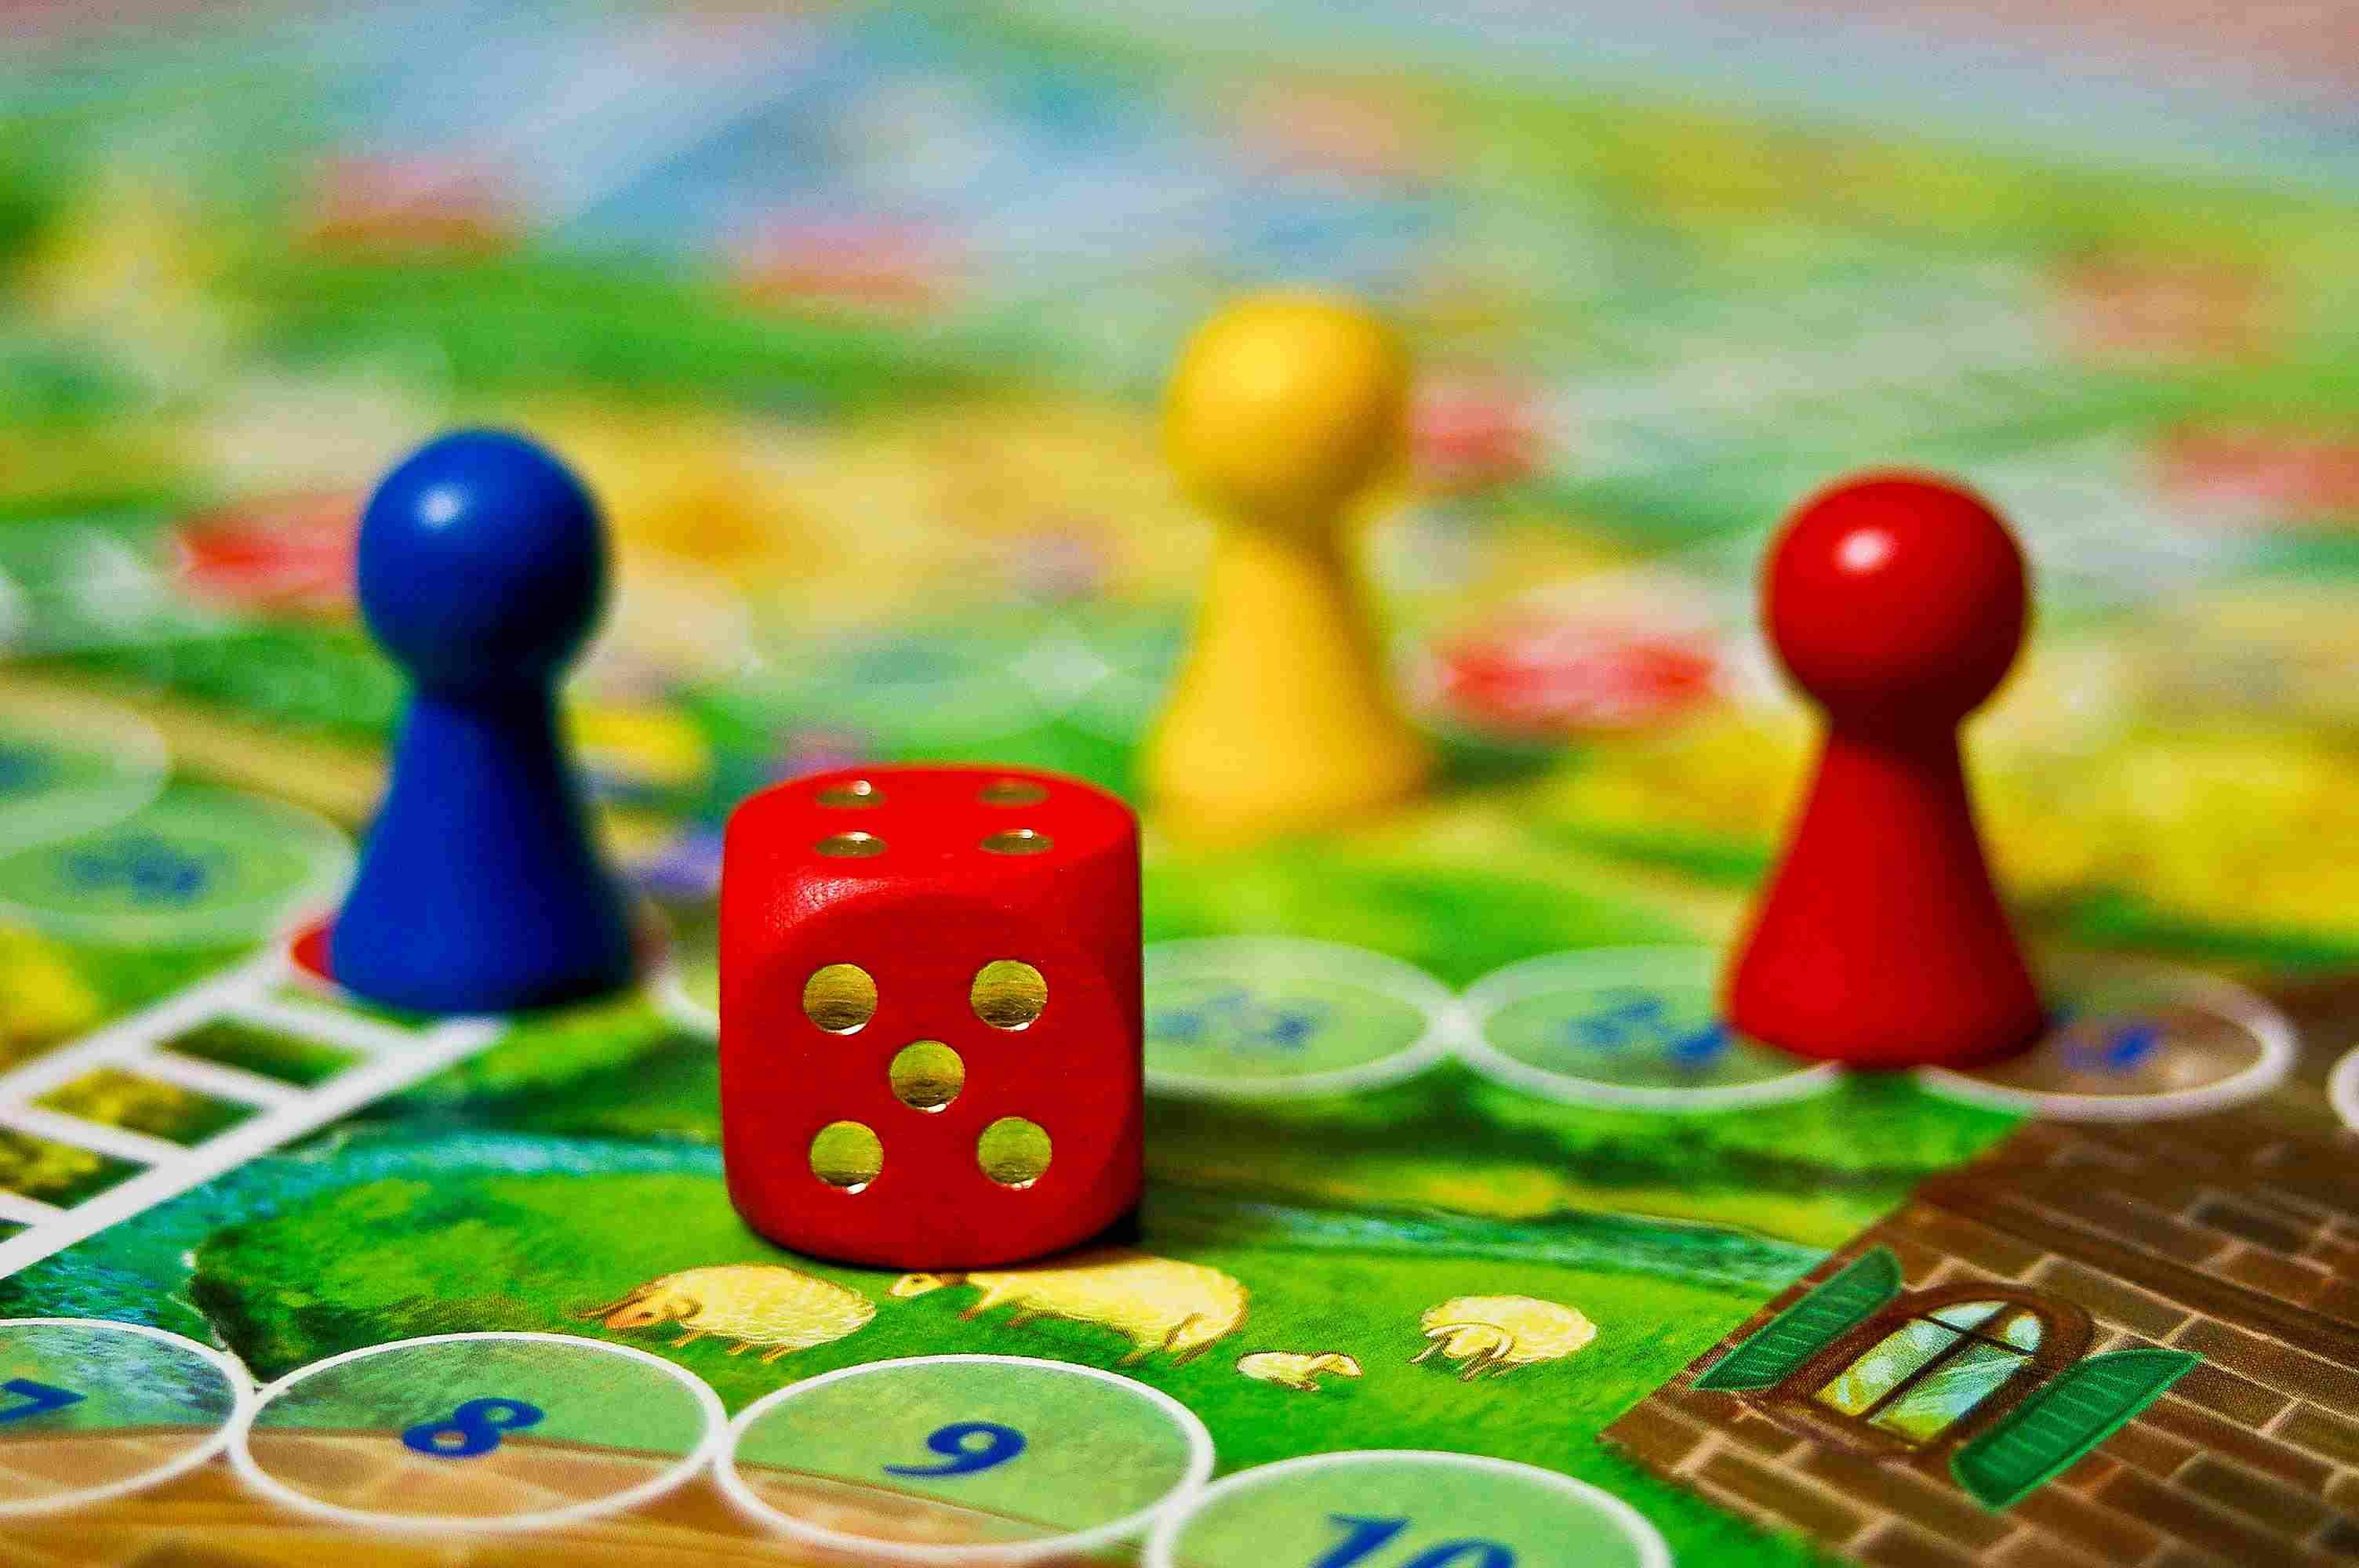 Los juegos de tablero son entretenidos para toda la familia